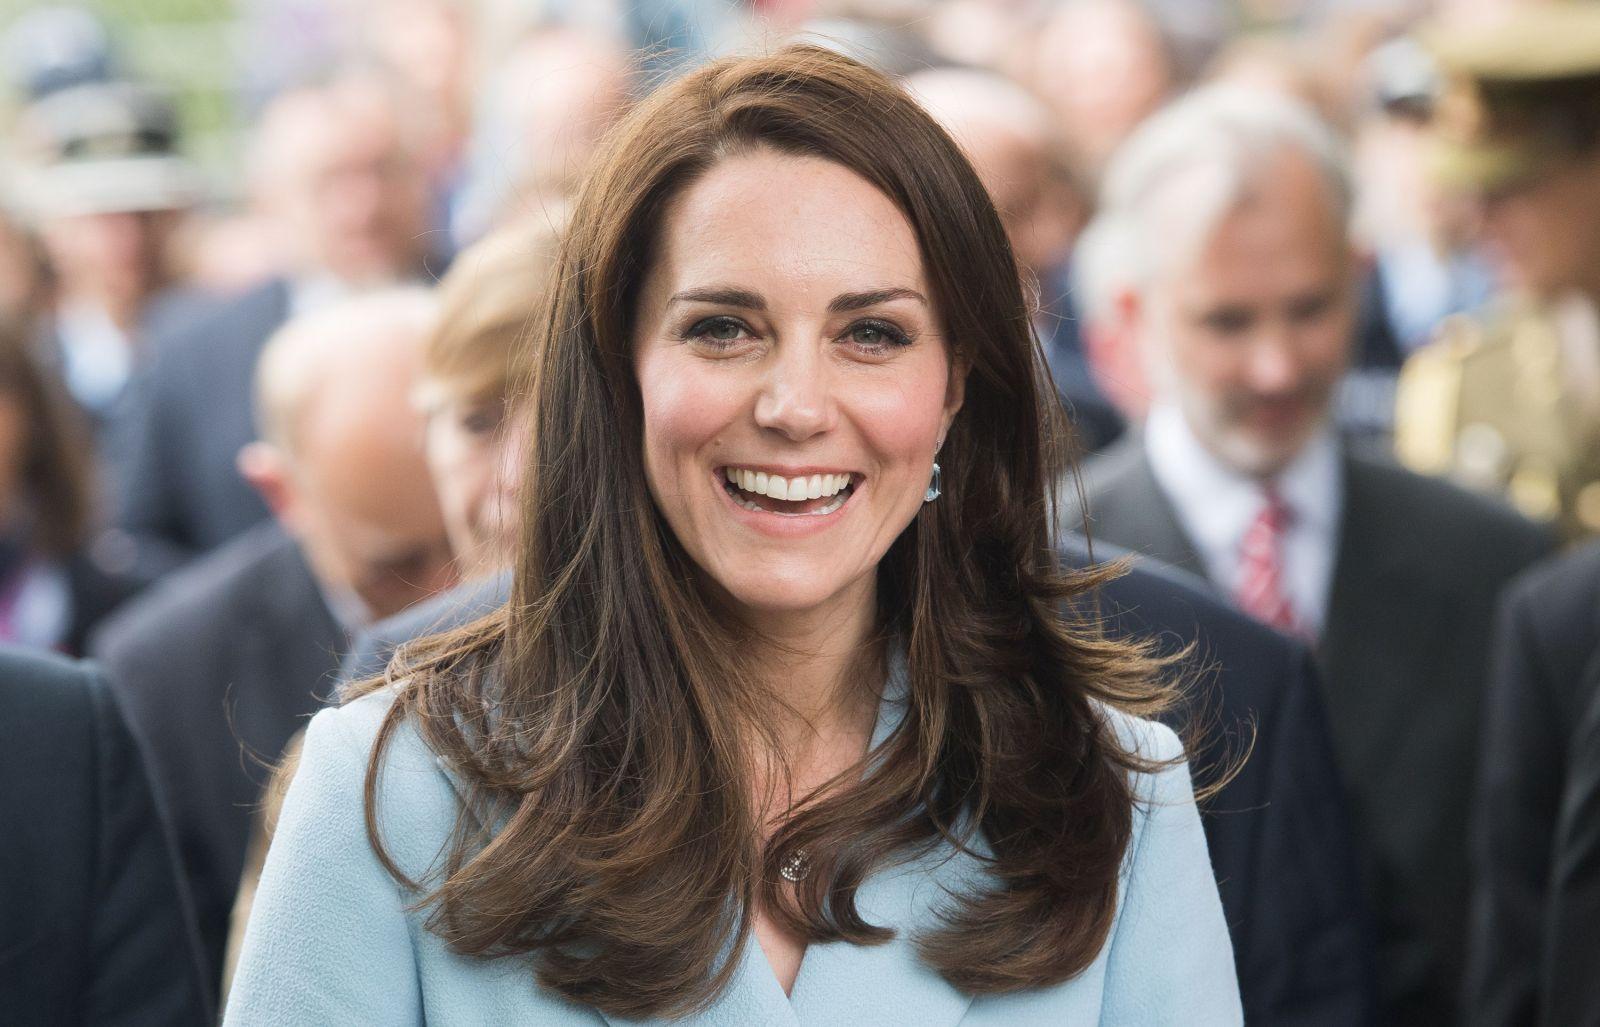 Кейт Миддлтон неожиданно поздравила британку с рождением первенца